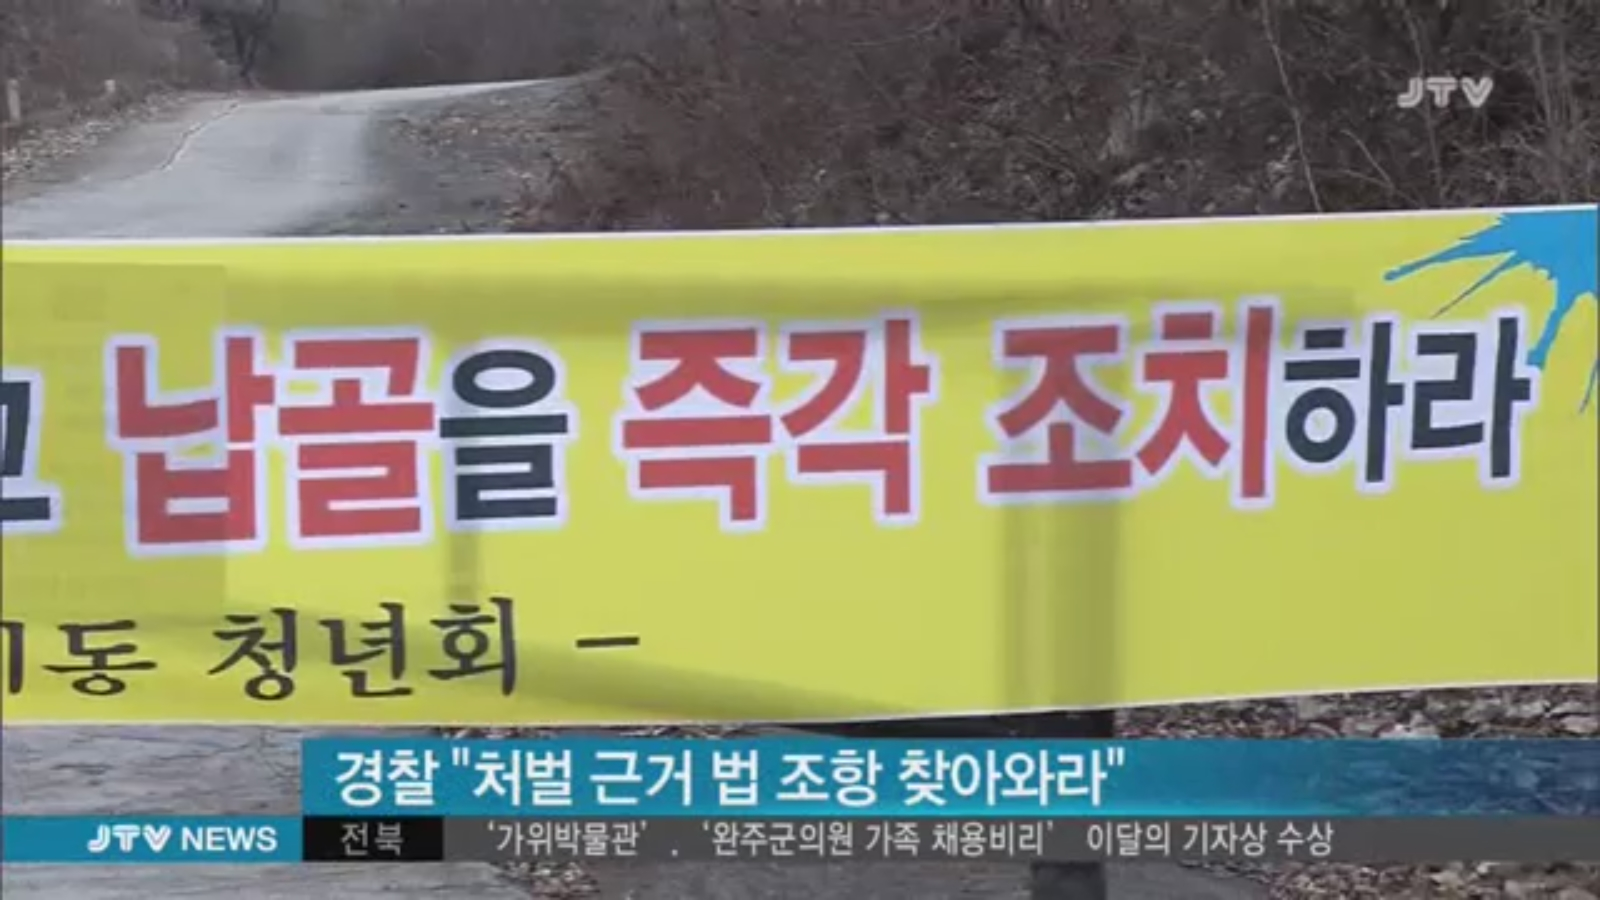 [18.1.24 JTV] 경찰, 신고자에게 처벌 근거 찾아오라고 돌려보내3.jpg